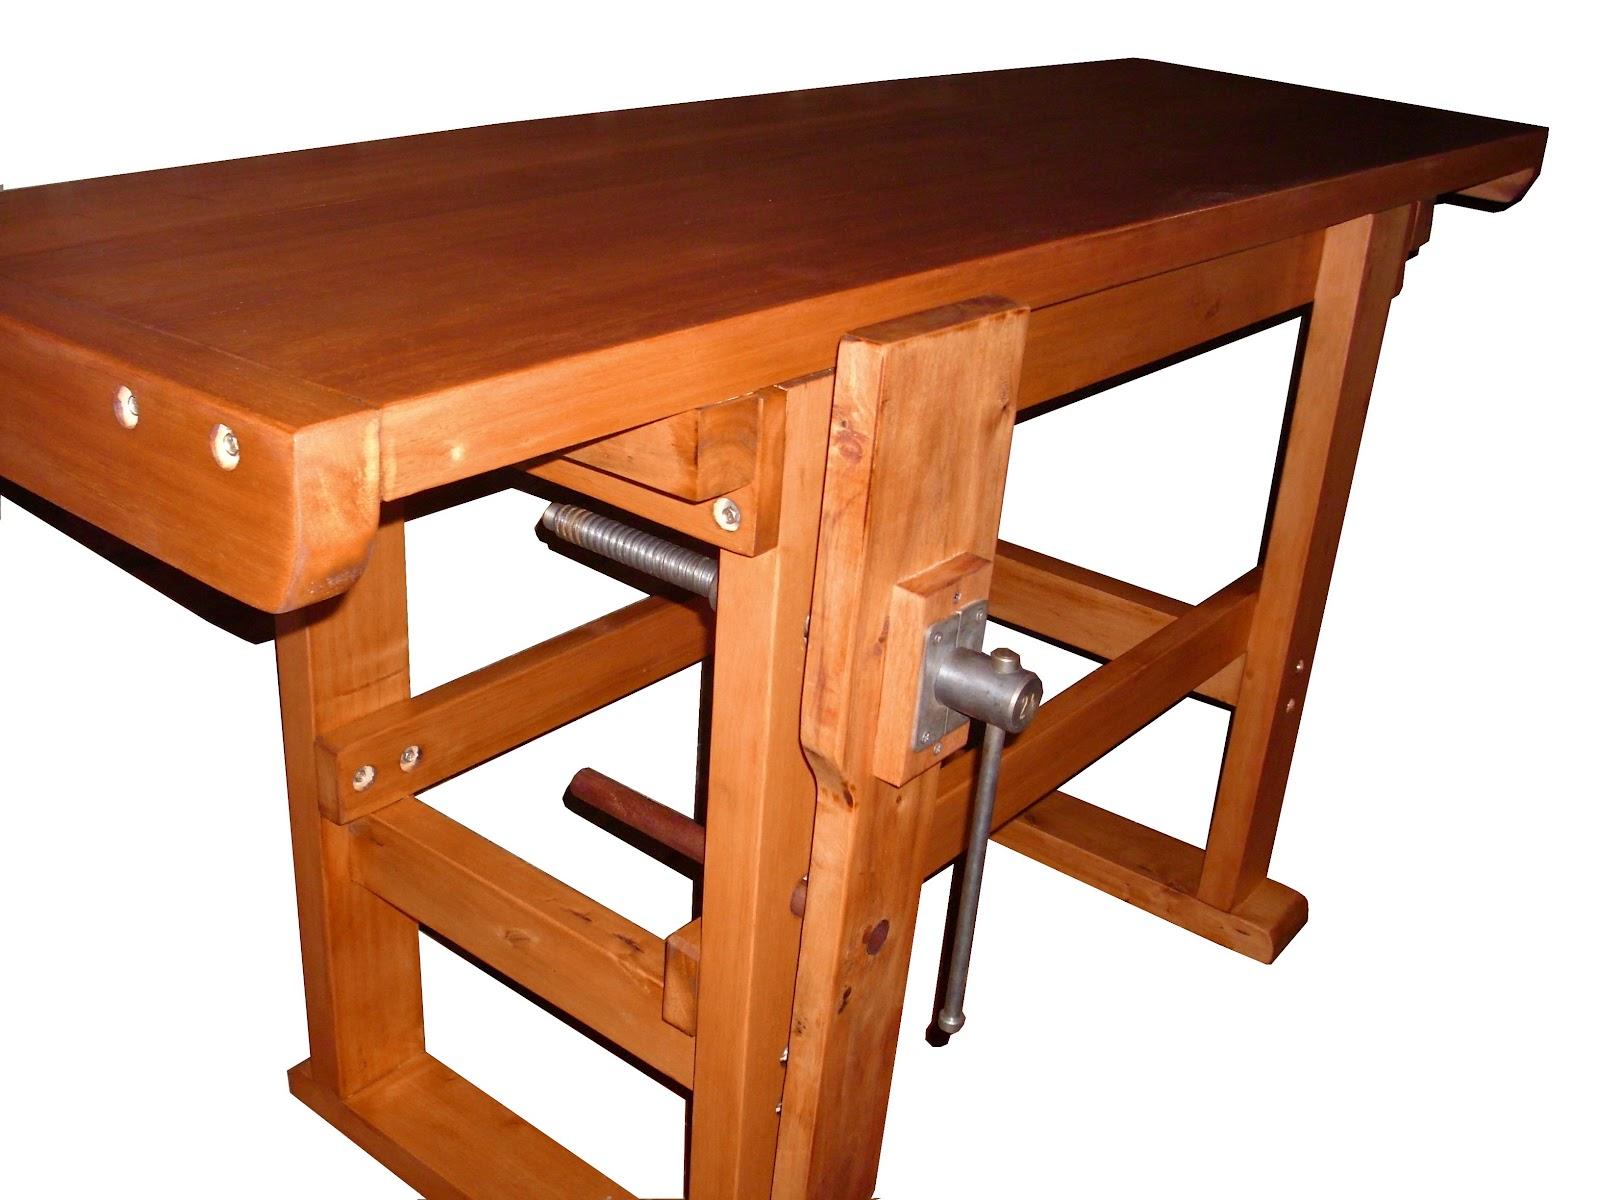 Banco de carpintero en eucaliptus tapa plana carpinterof for Mesa de carpintero